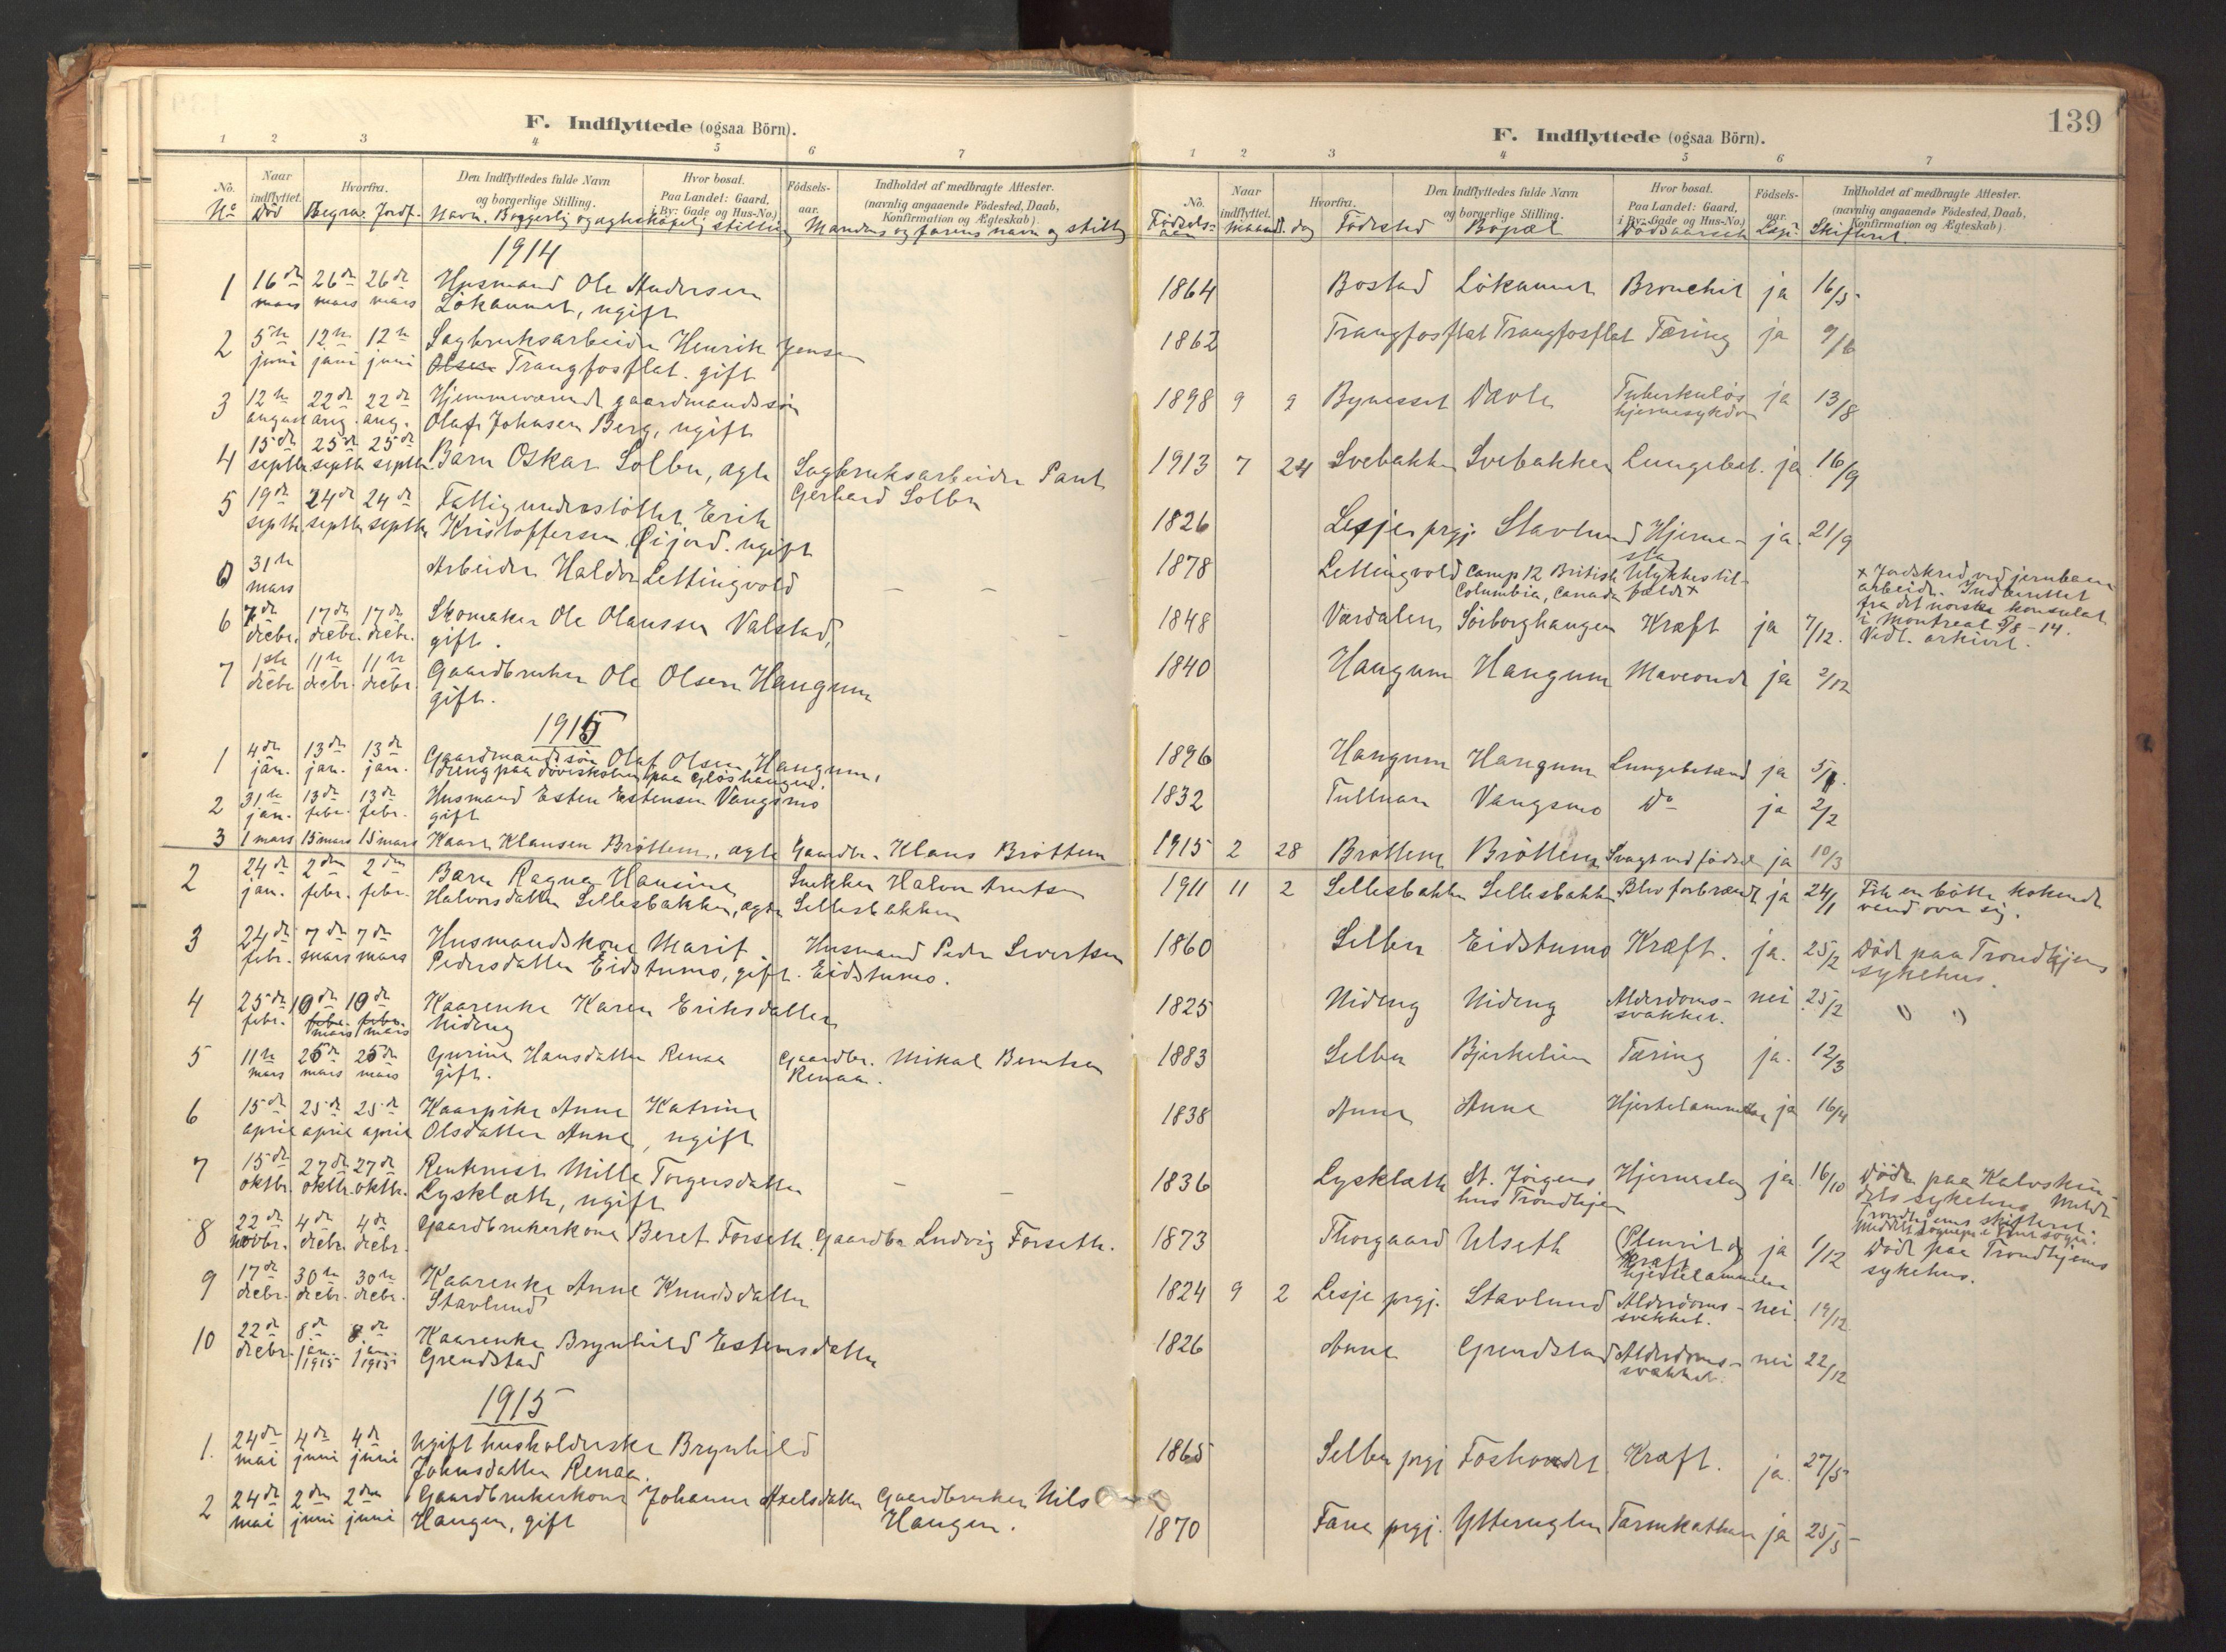 SAT, Ministerialprotokoller, klokkerbøker og fødselsregistre - Sør-Trøndelag, 618/L0448: Ministerialbok nr. 618A11, 1898-1916, s. 139